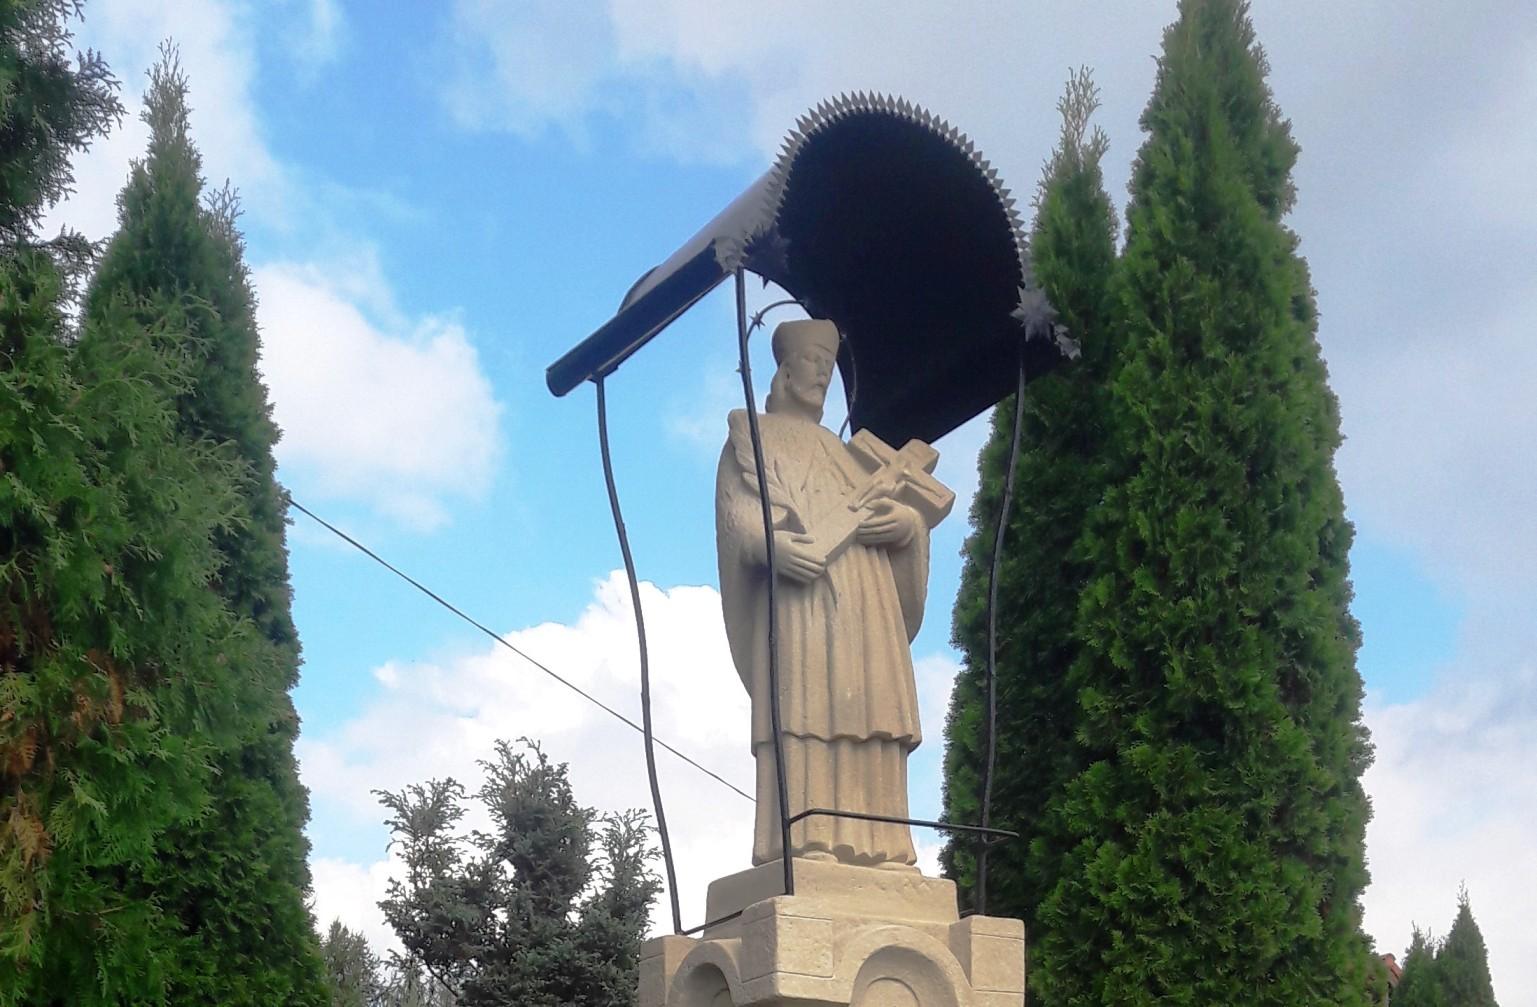 Odnowiona kapliczka św. Jana Nepomucena w Woli Batorskiej